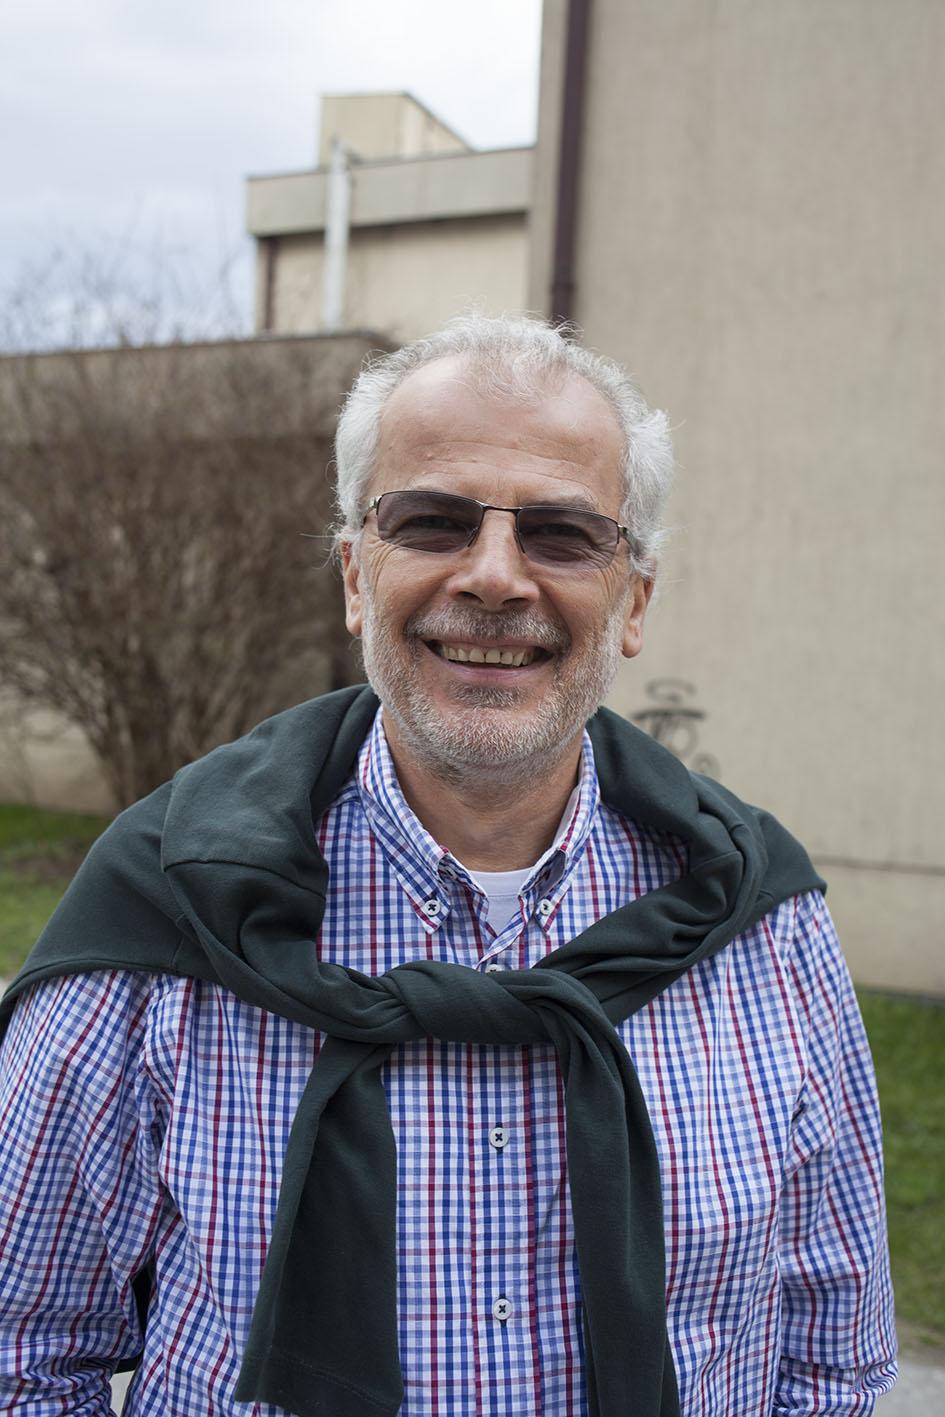 Peter Generál